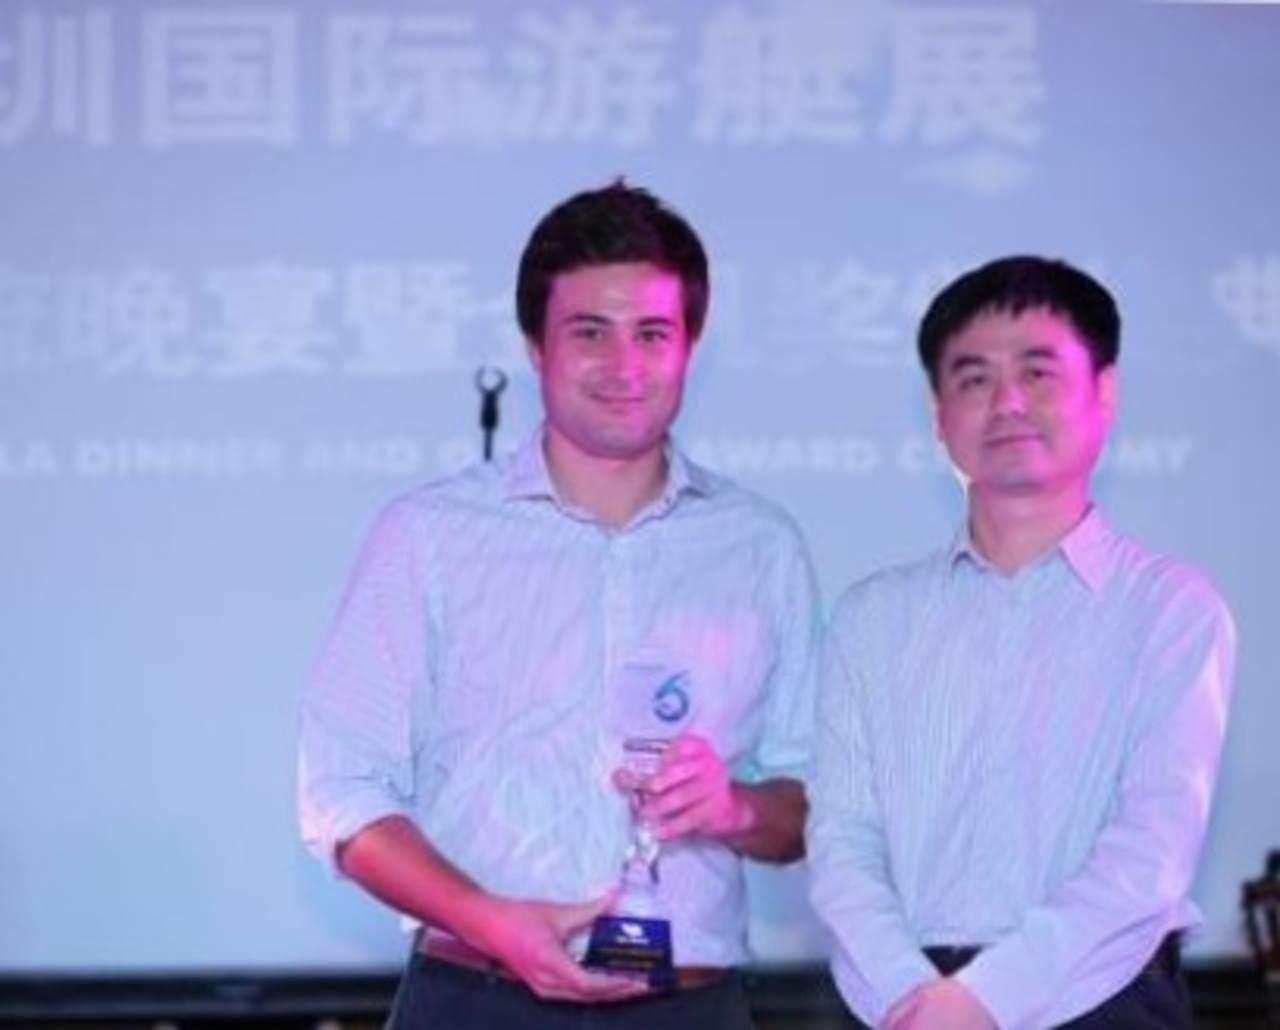 Le leadership de Prestige récompensé en Chine 3